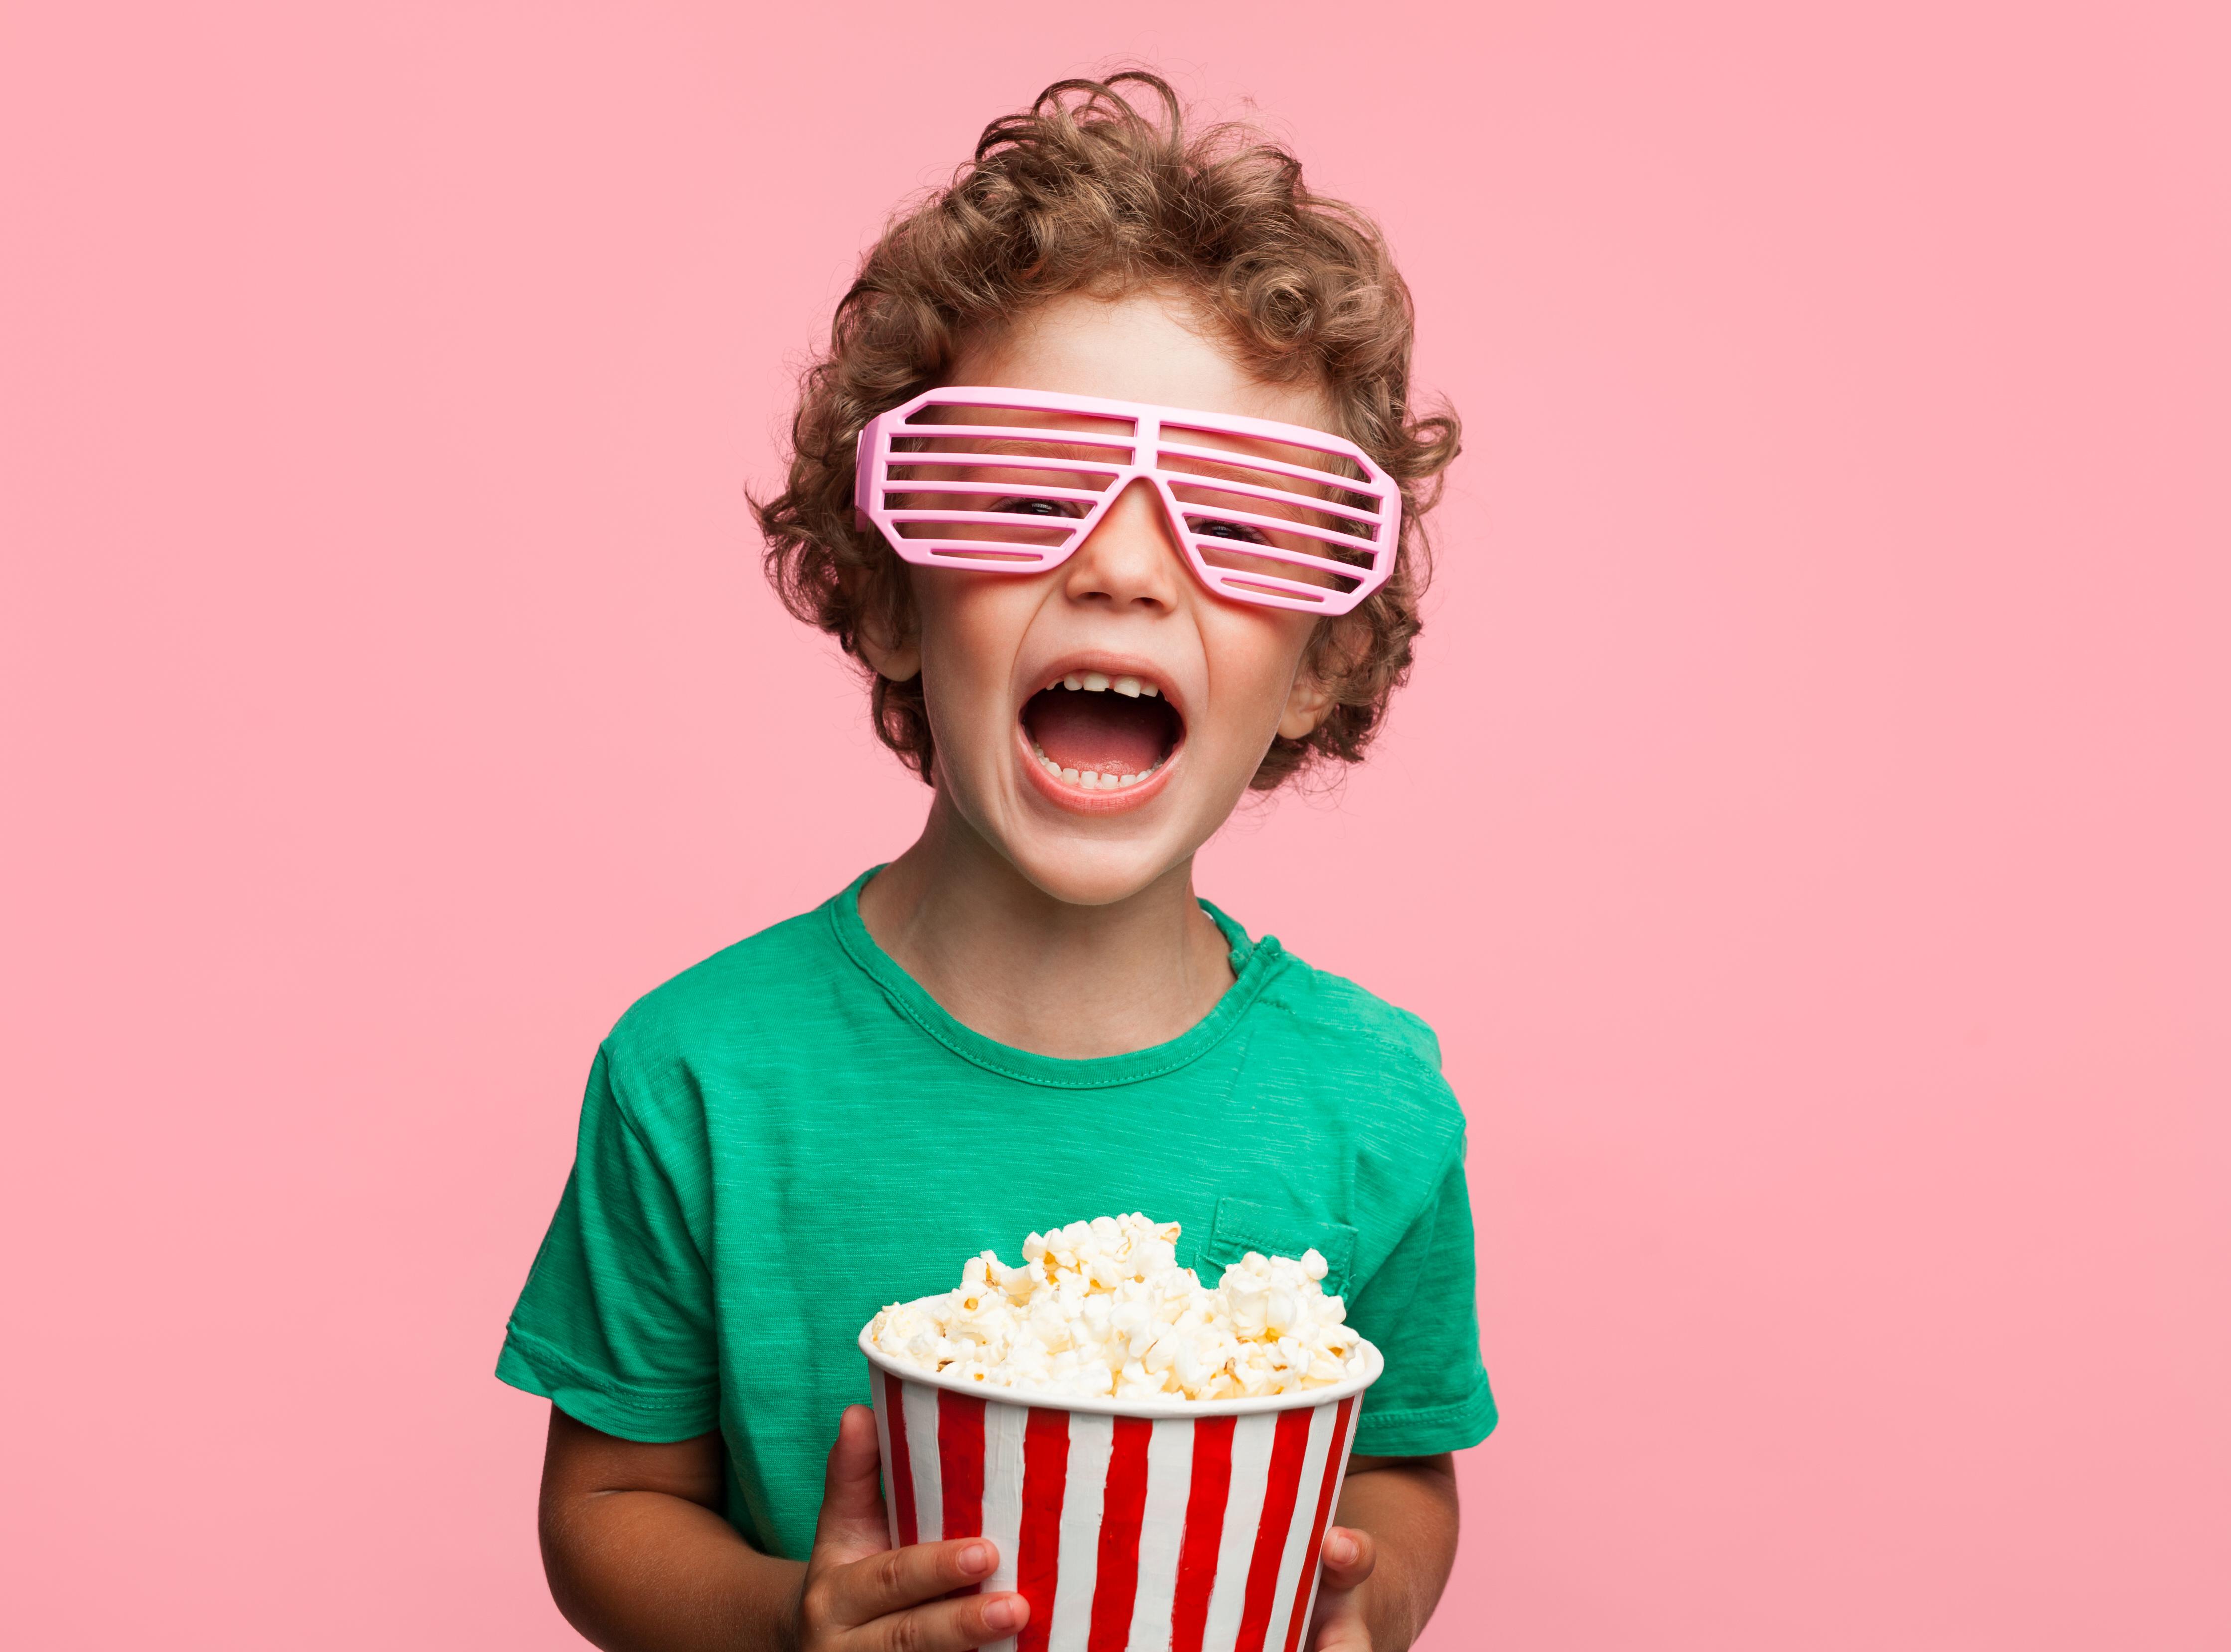 как впервые повести ребенка в кино